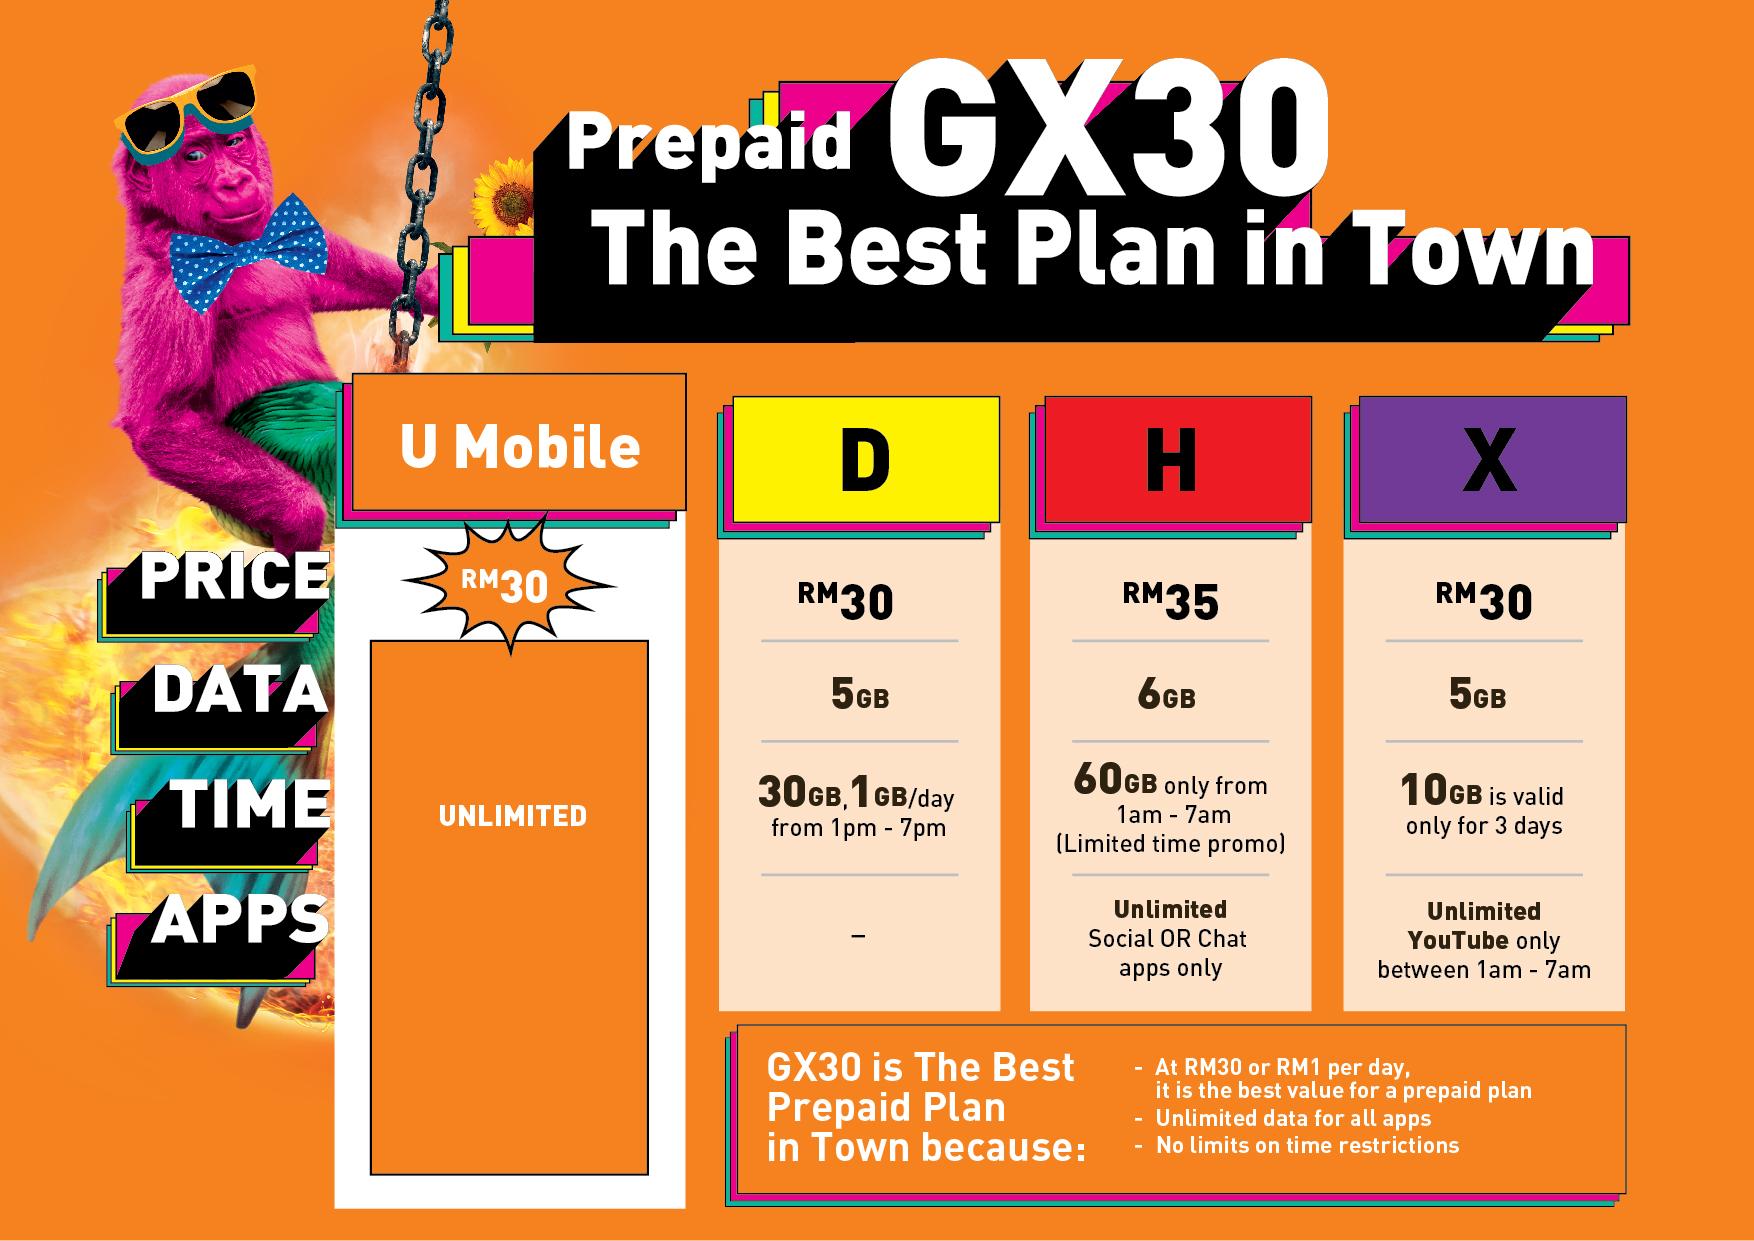 U mobile comparison table 03-02 (1)